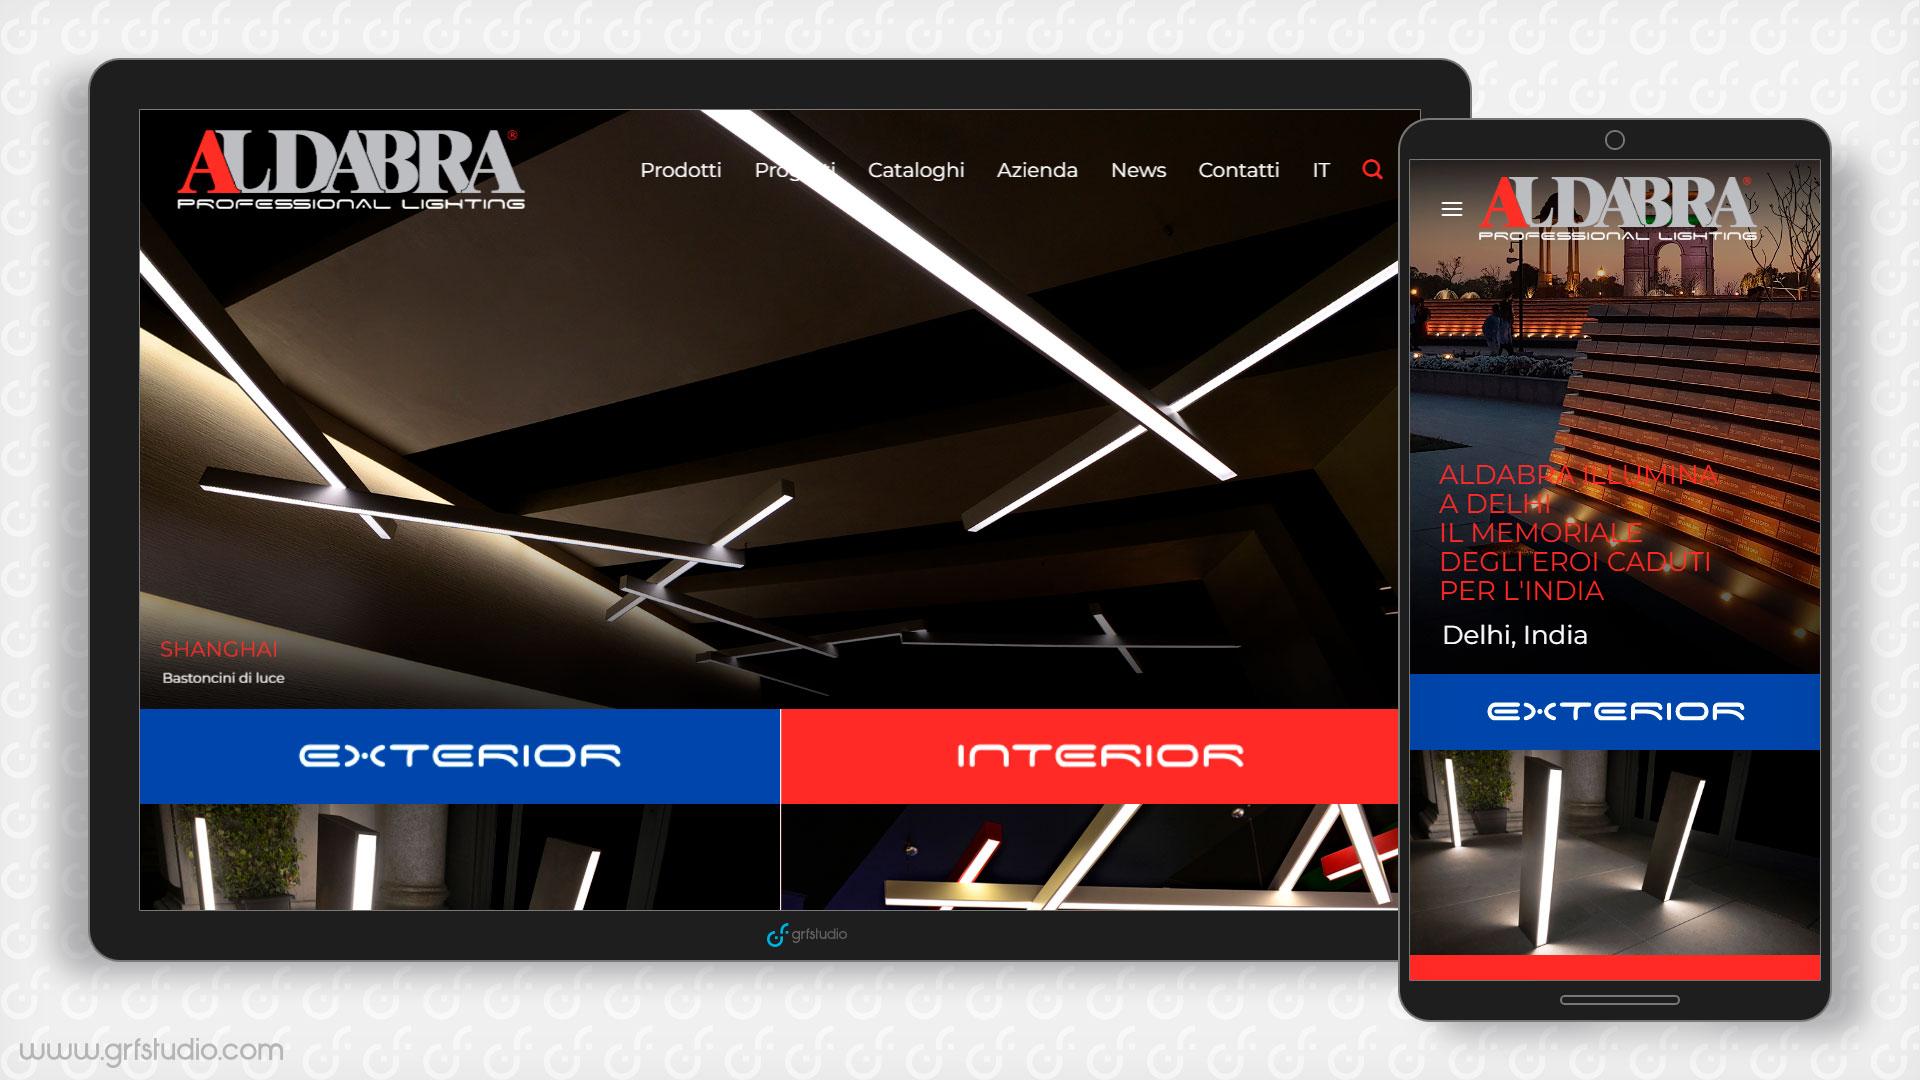 agenzia di comunicazione, agenzia web, configuratore online, grafica e advertising